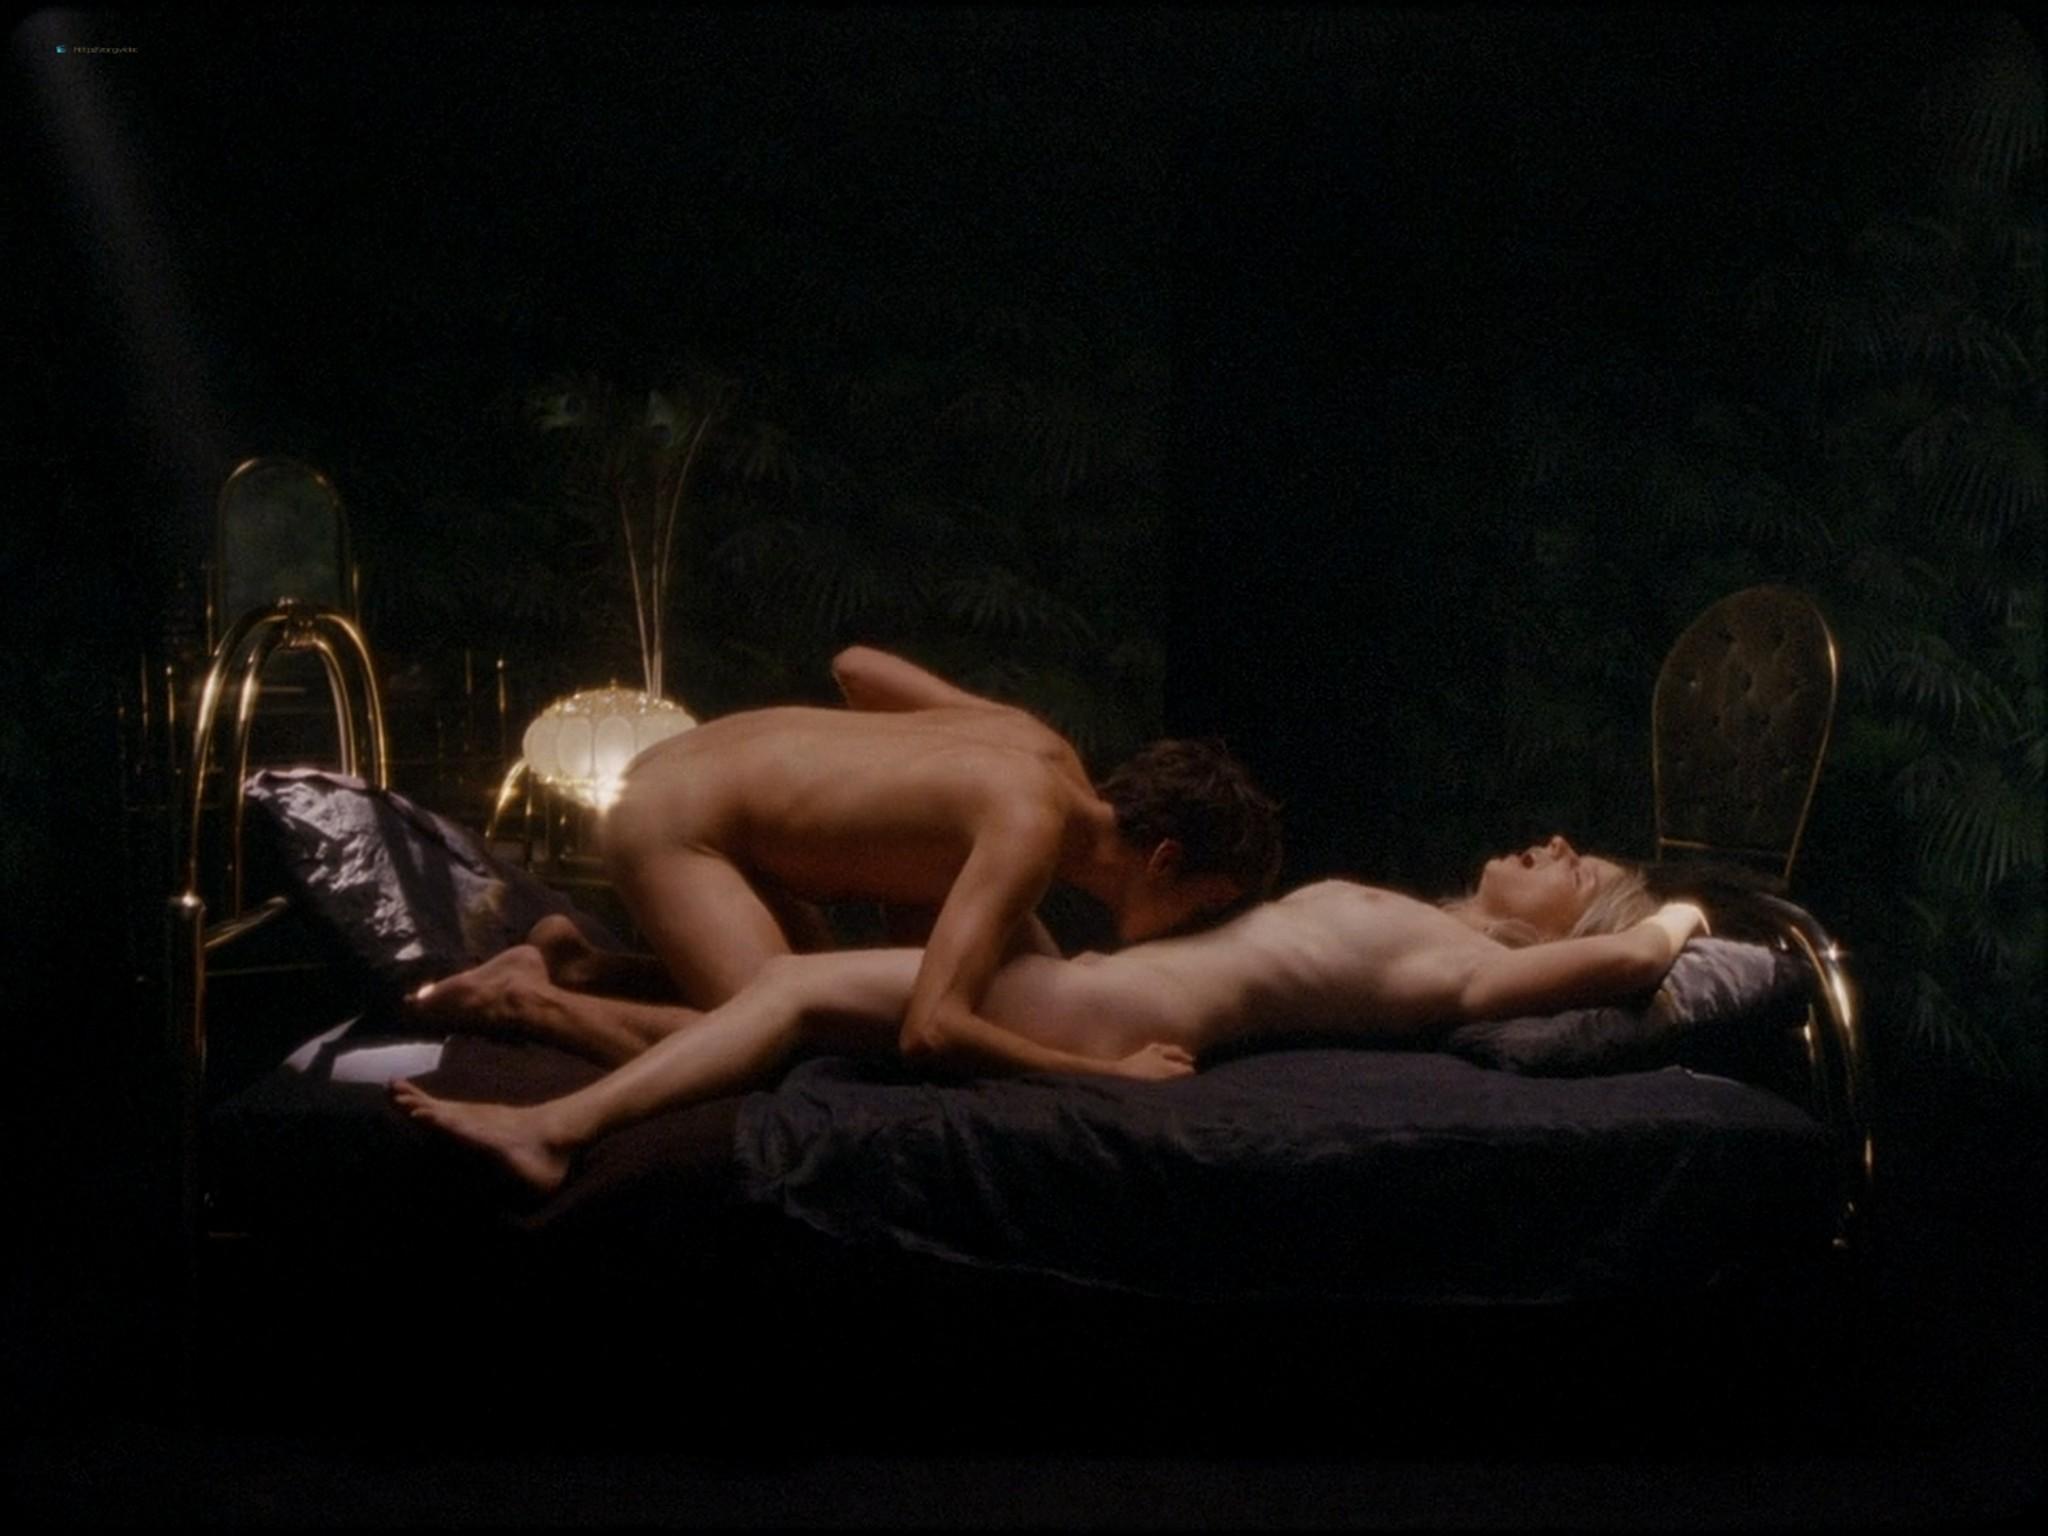 Sarah-Megan Allouch nude Mathilde Mennetrier nude sex - Les îles (2017) HD 1080p (16)